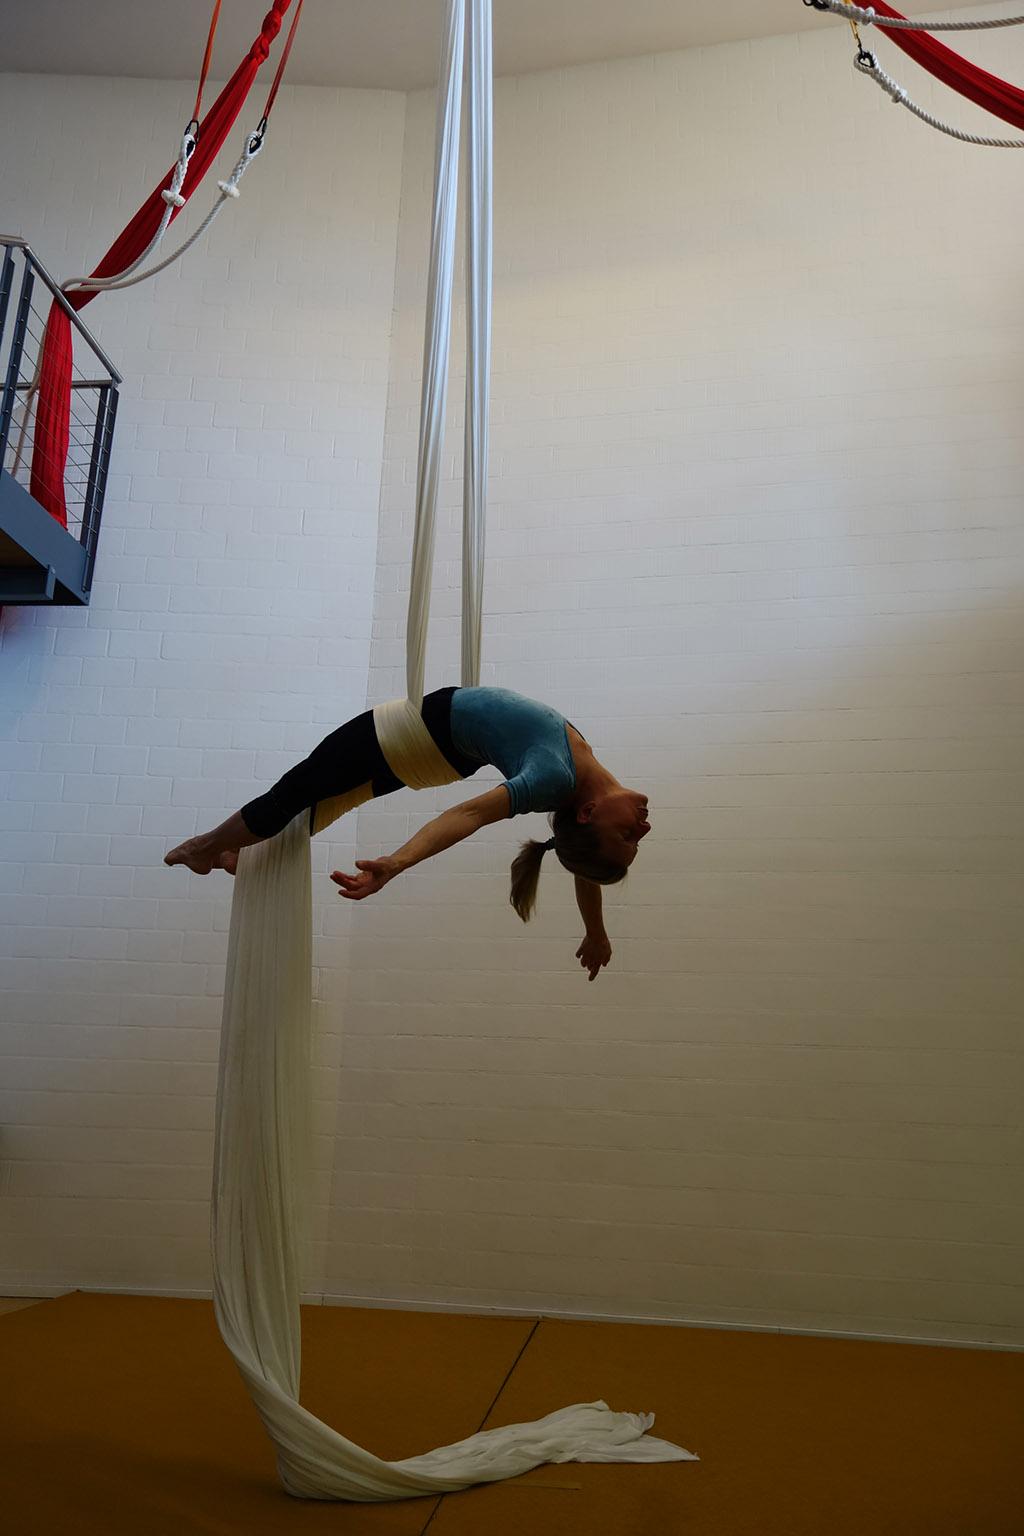 Luft-Akrobatik, akrobatik.ch KLG, Dietlikon Zürich